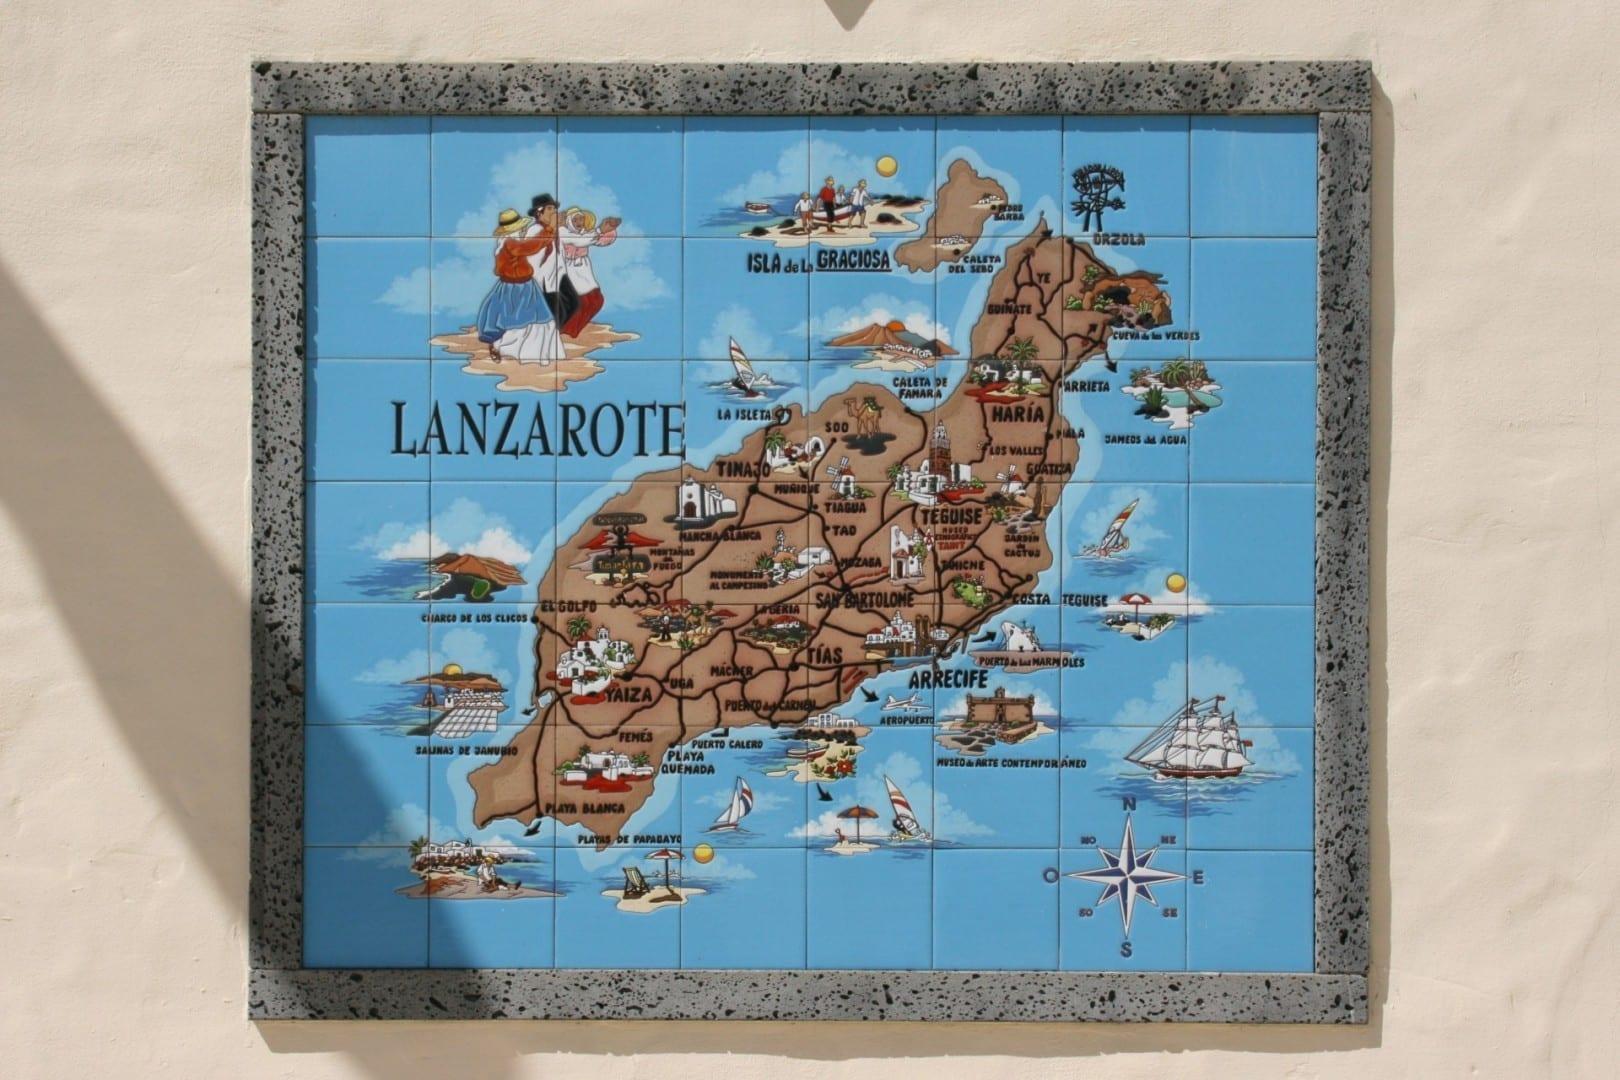 Mapa de Lanzarote que muestra las principales ciudades y sitios de interés. Lanzarote (Islas Canarias) España